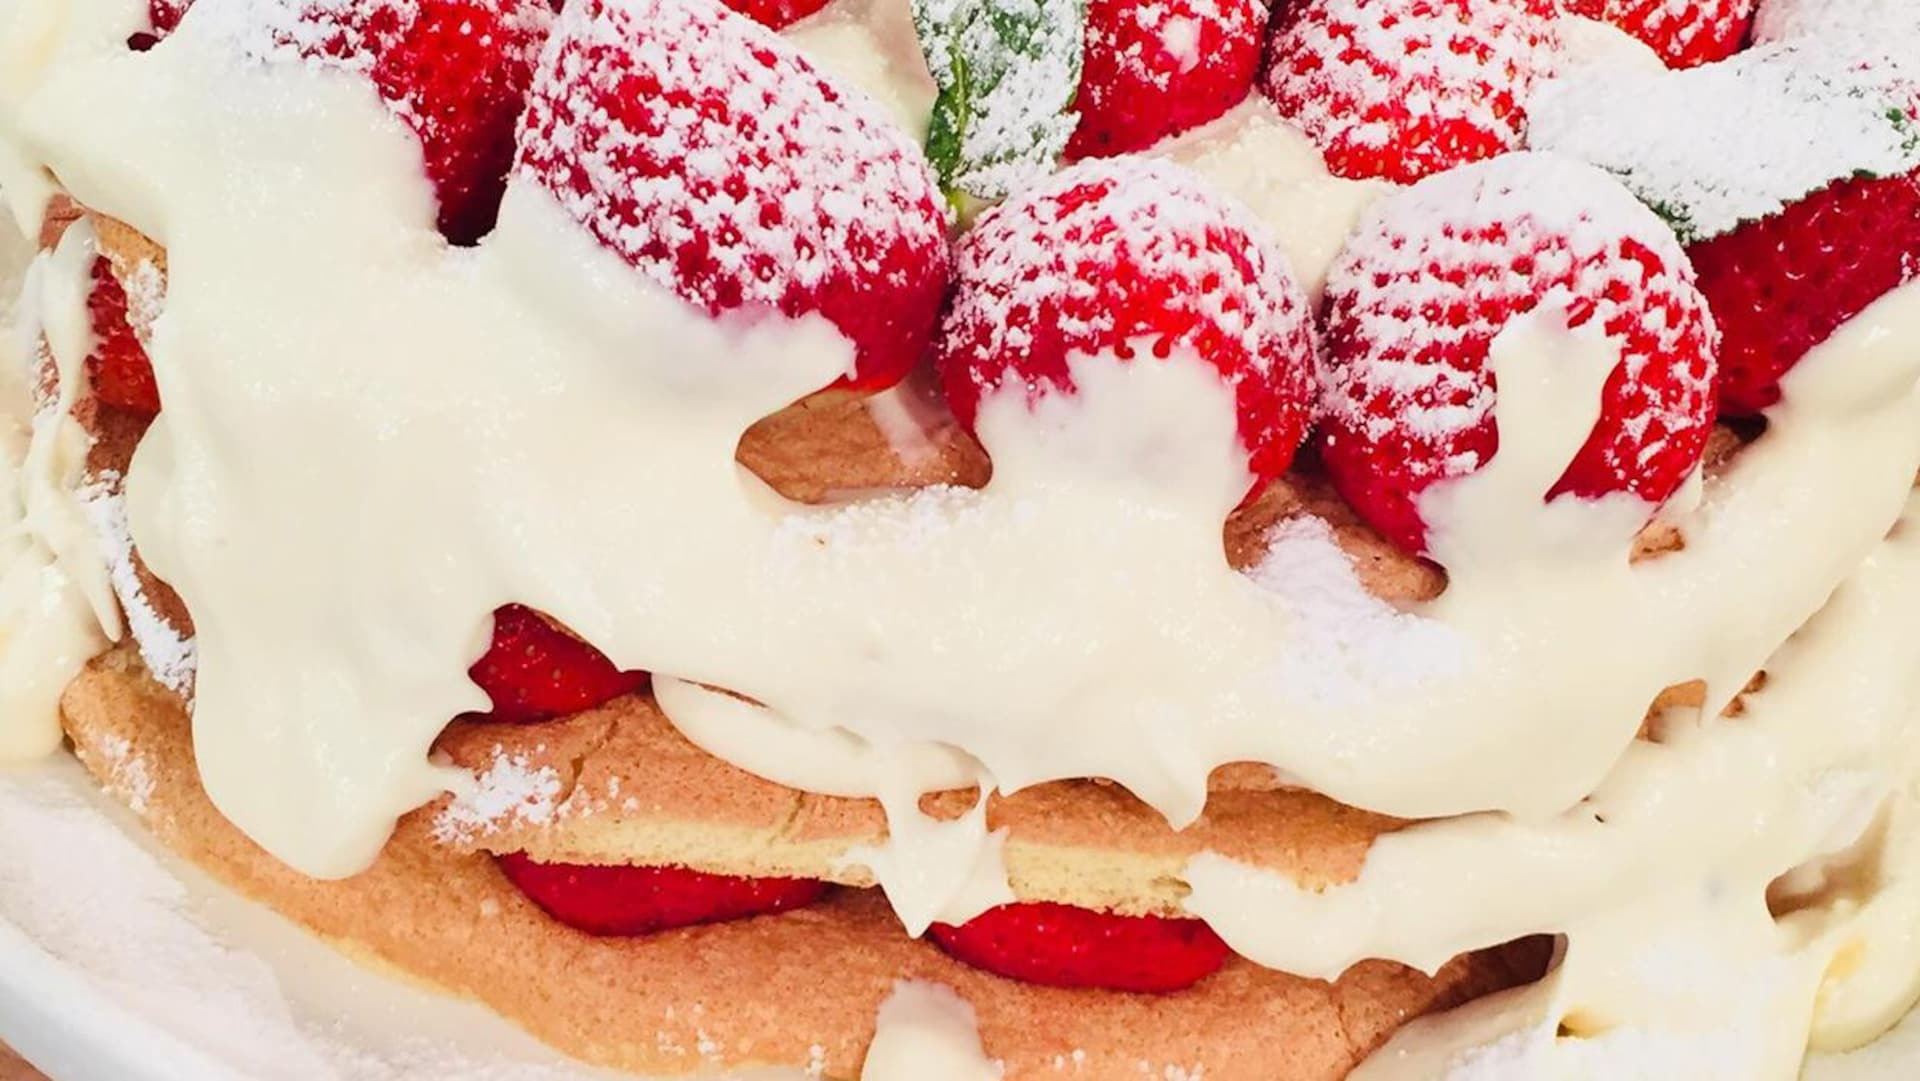 Un gâteau aux fraises avec de la crème.